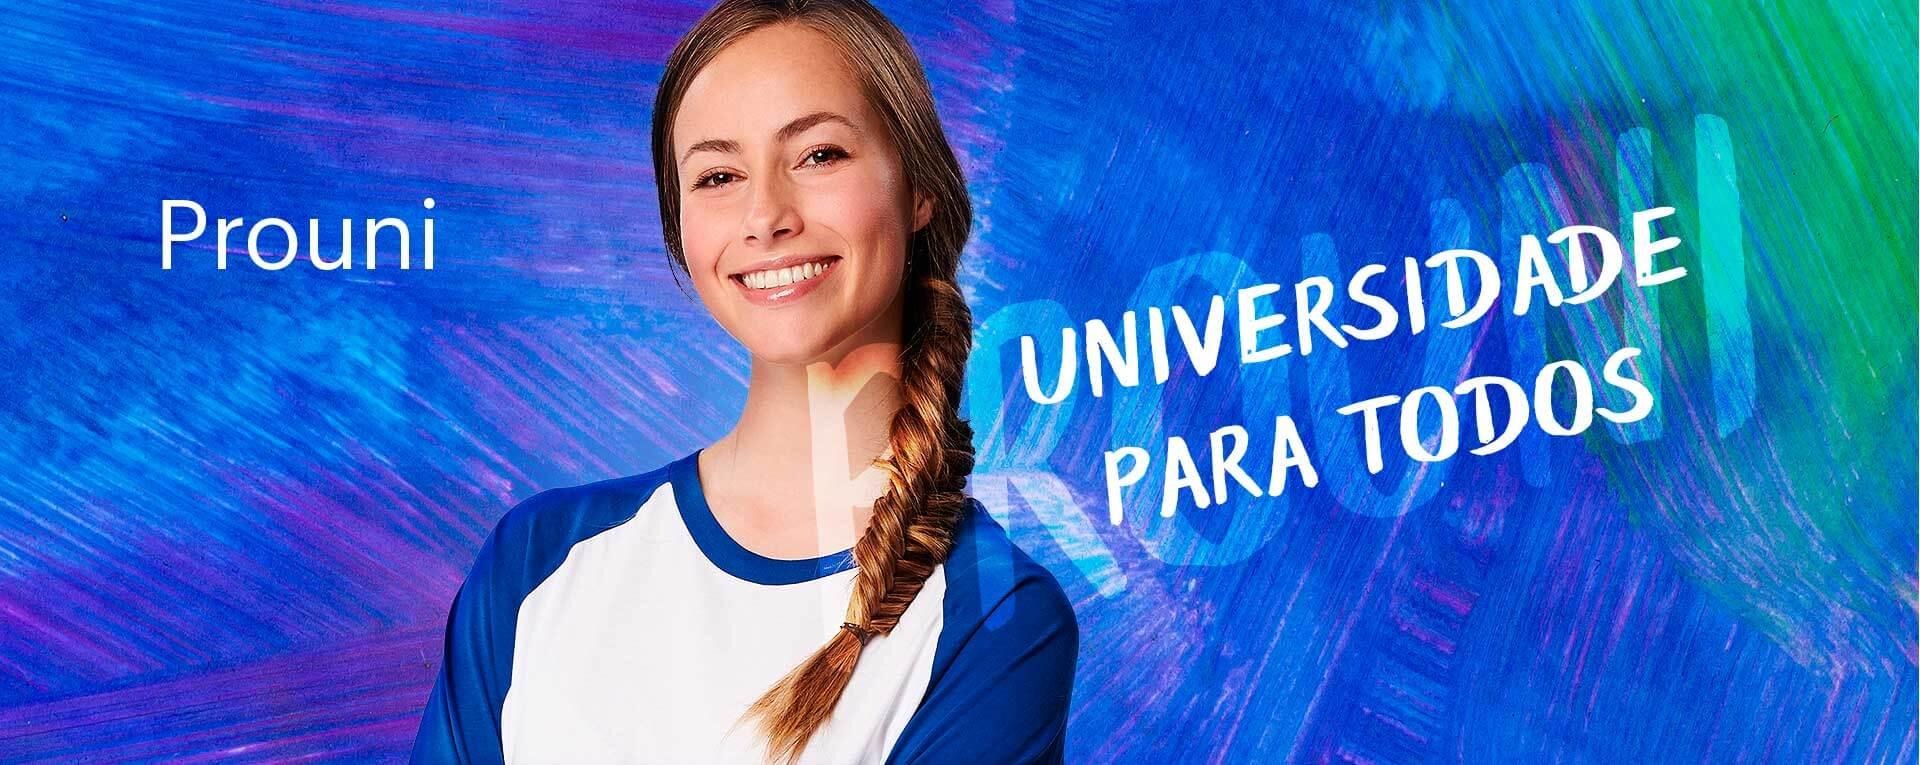 Banner prouni com moça em fundo azul